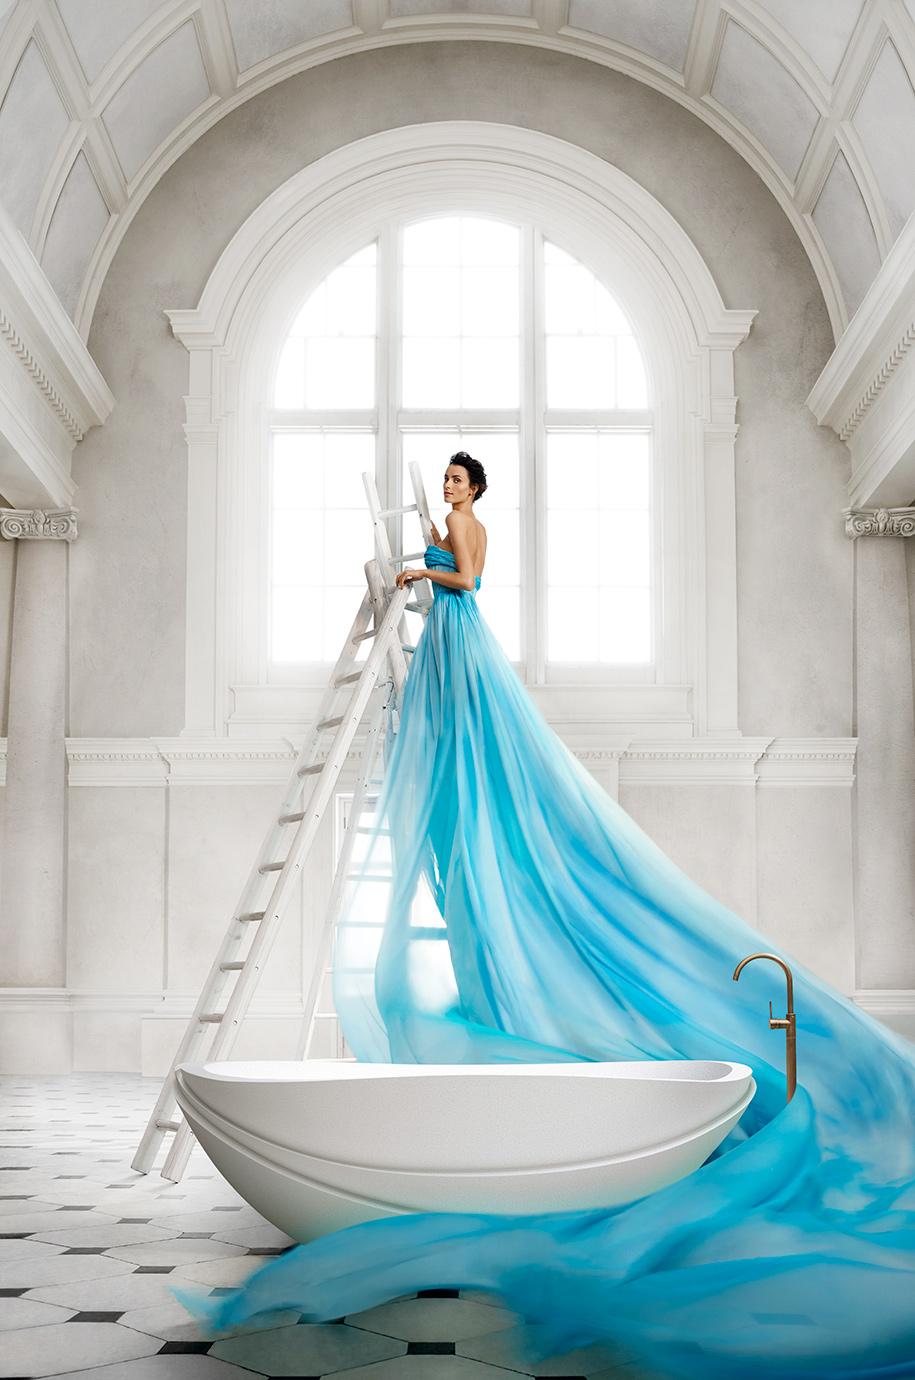 apaiser_Bath-Couture-Campaign-Image